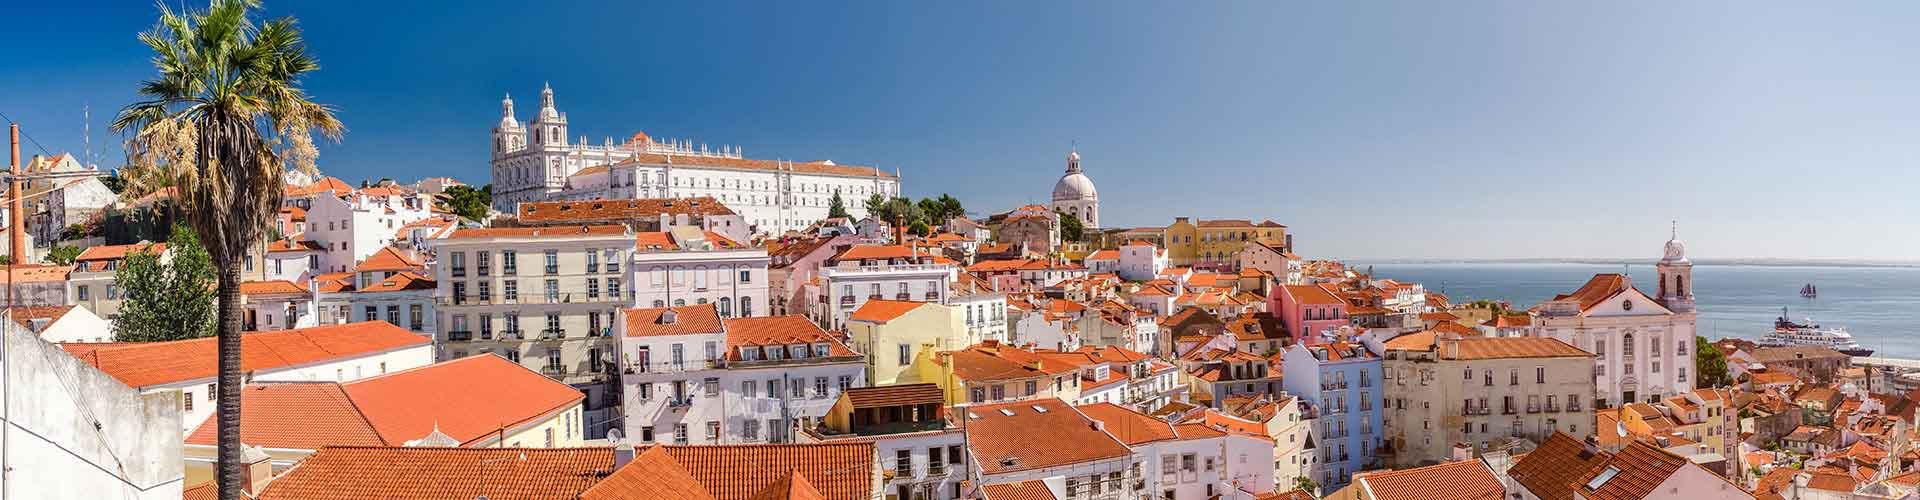 Lissabon – Retkeily kaupungiosassa Alfama. Lissabon -karttoja, valokuvia ja arvosteluja kaikista Lissabon -retkeilyalueista.